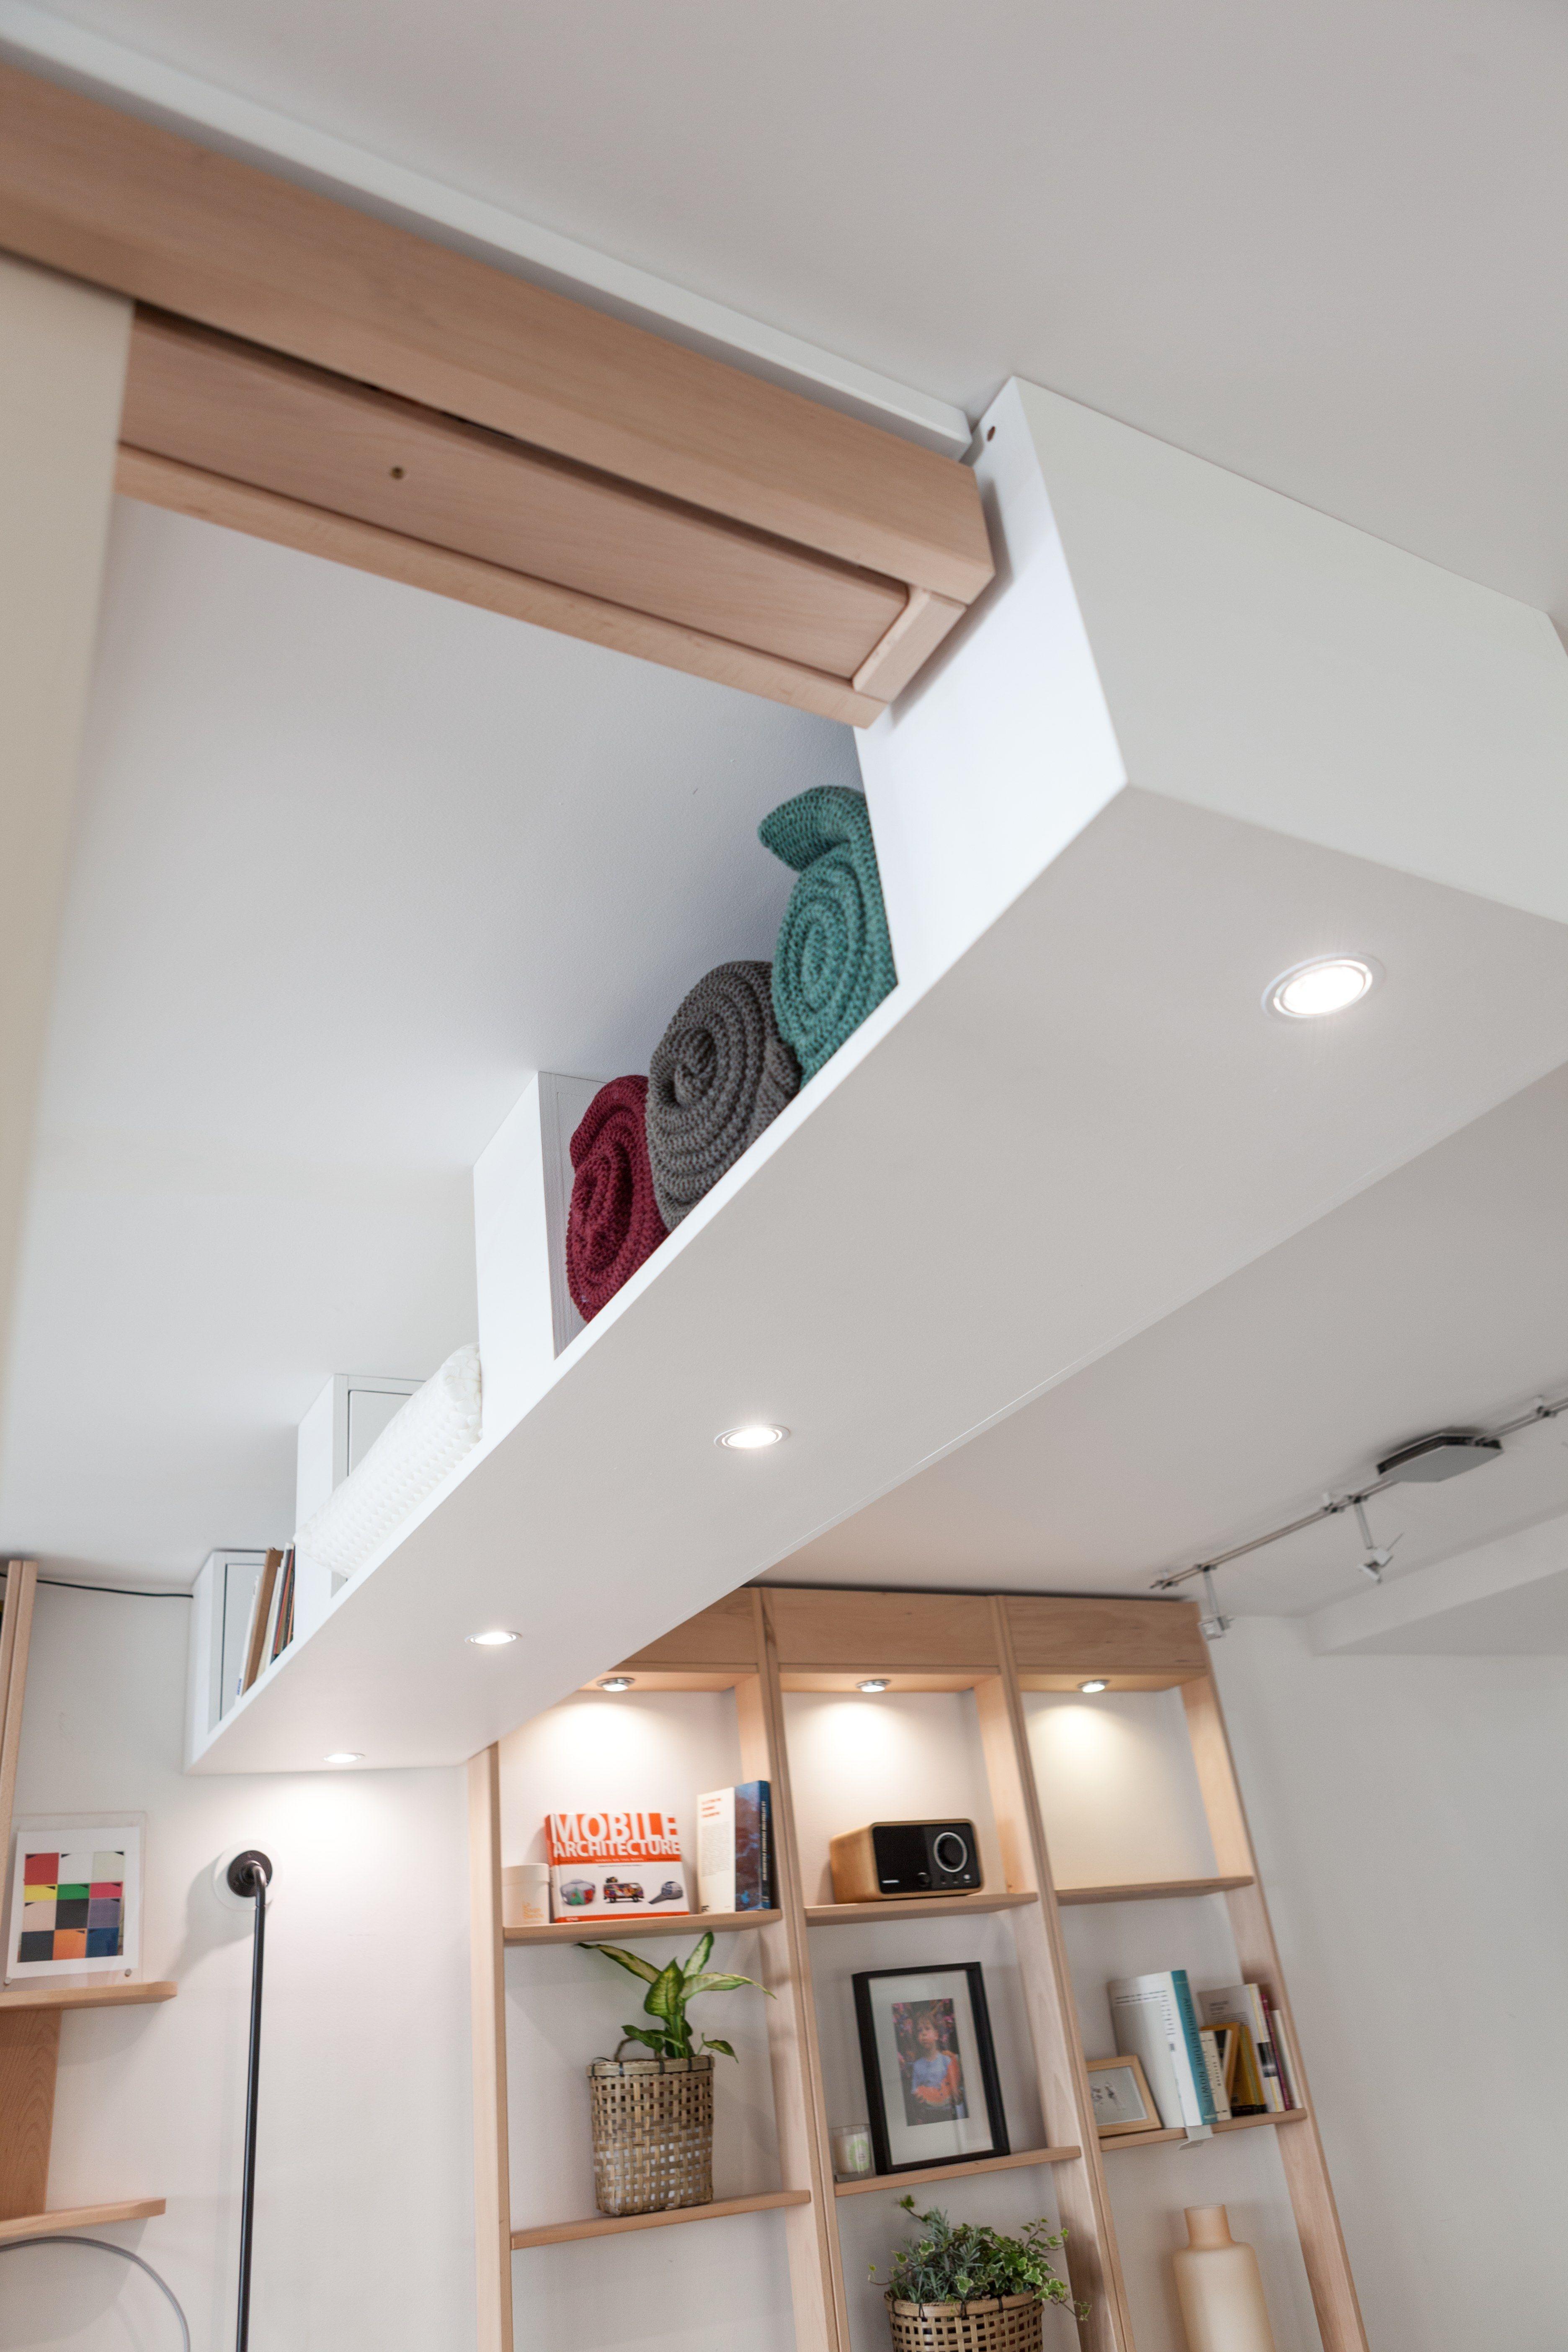 Rangement Suspendu Au Plafond Afin D Encadrer Votre Bedup Bedup Suspendu Litsuspendu Rangement Rangement Suspendu Rangement Au Plafond Amenagement Maison